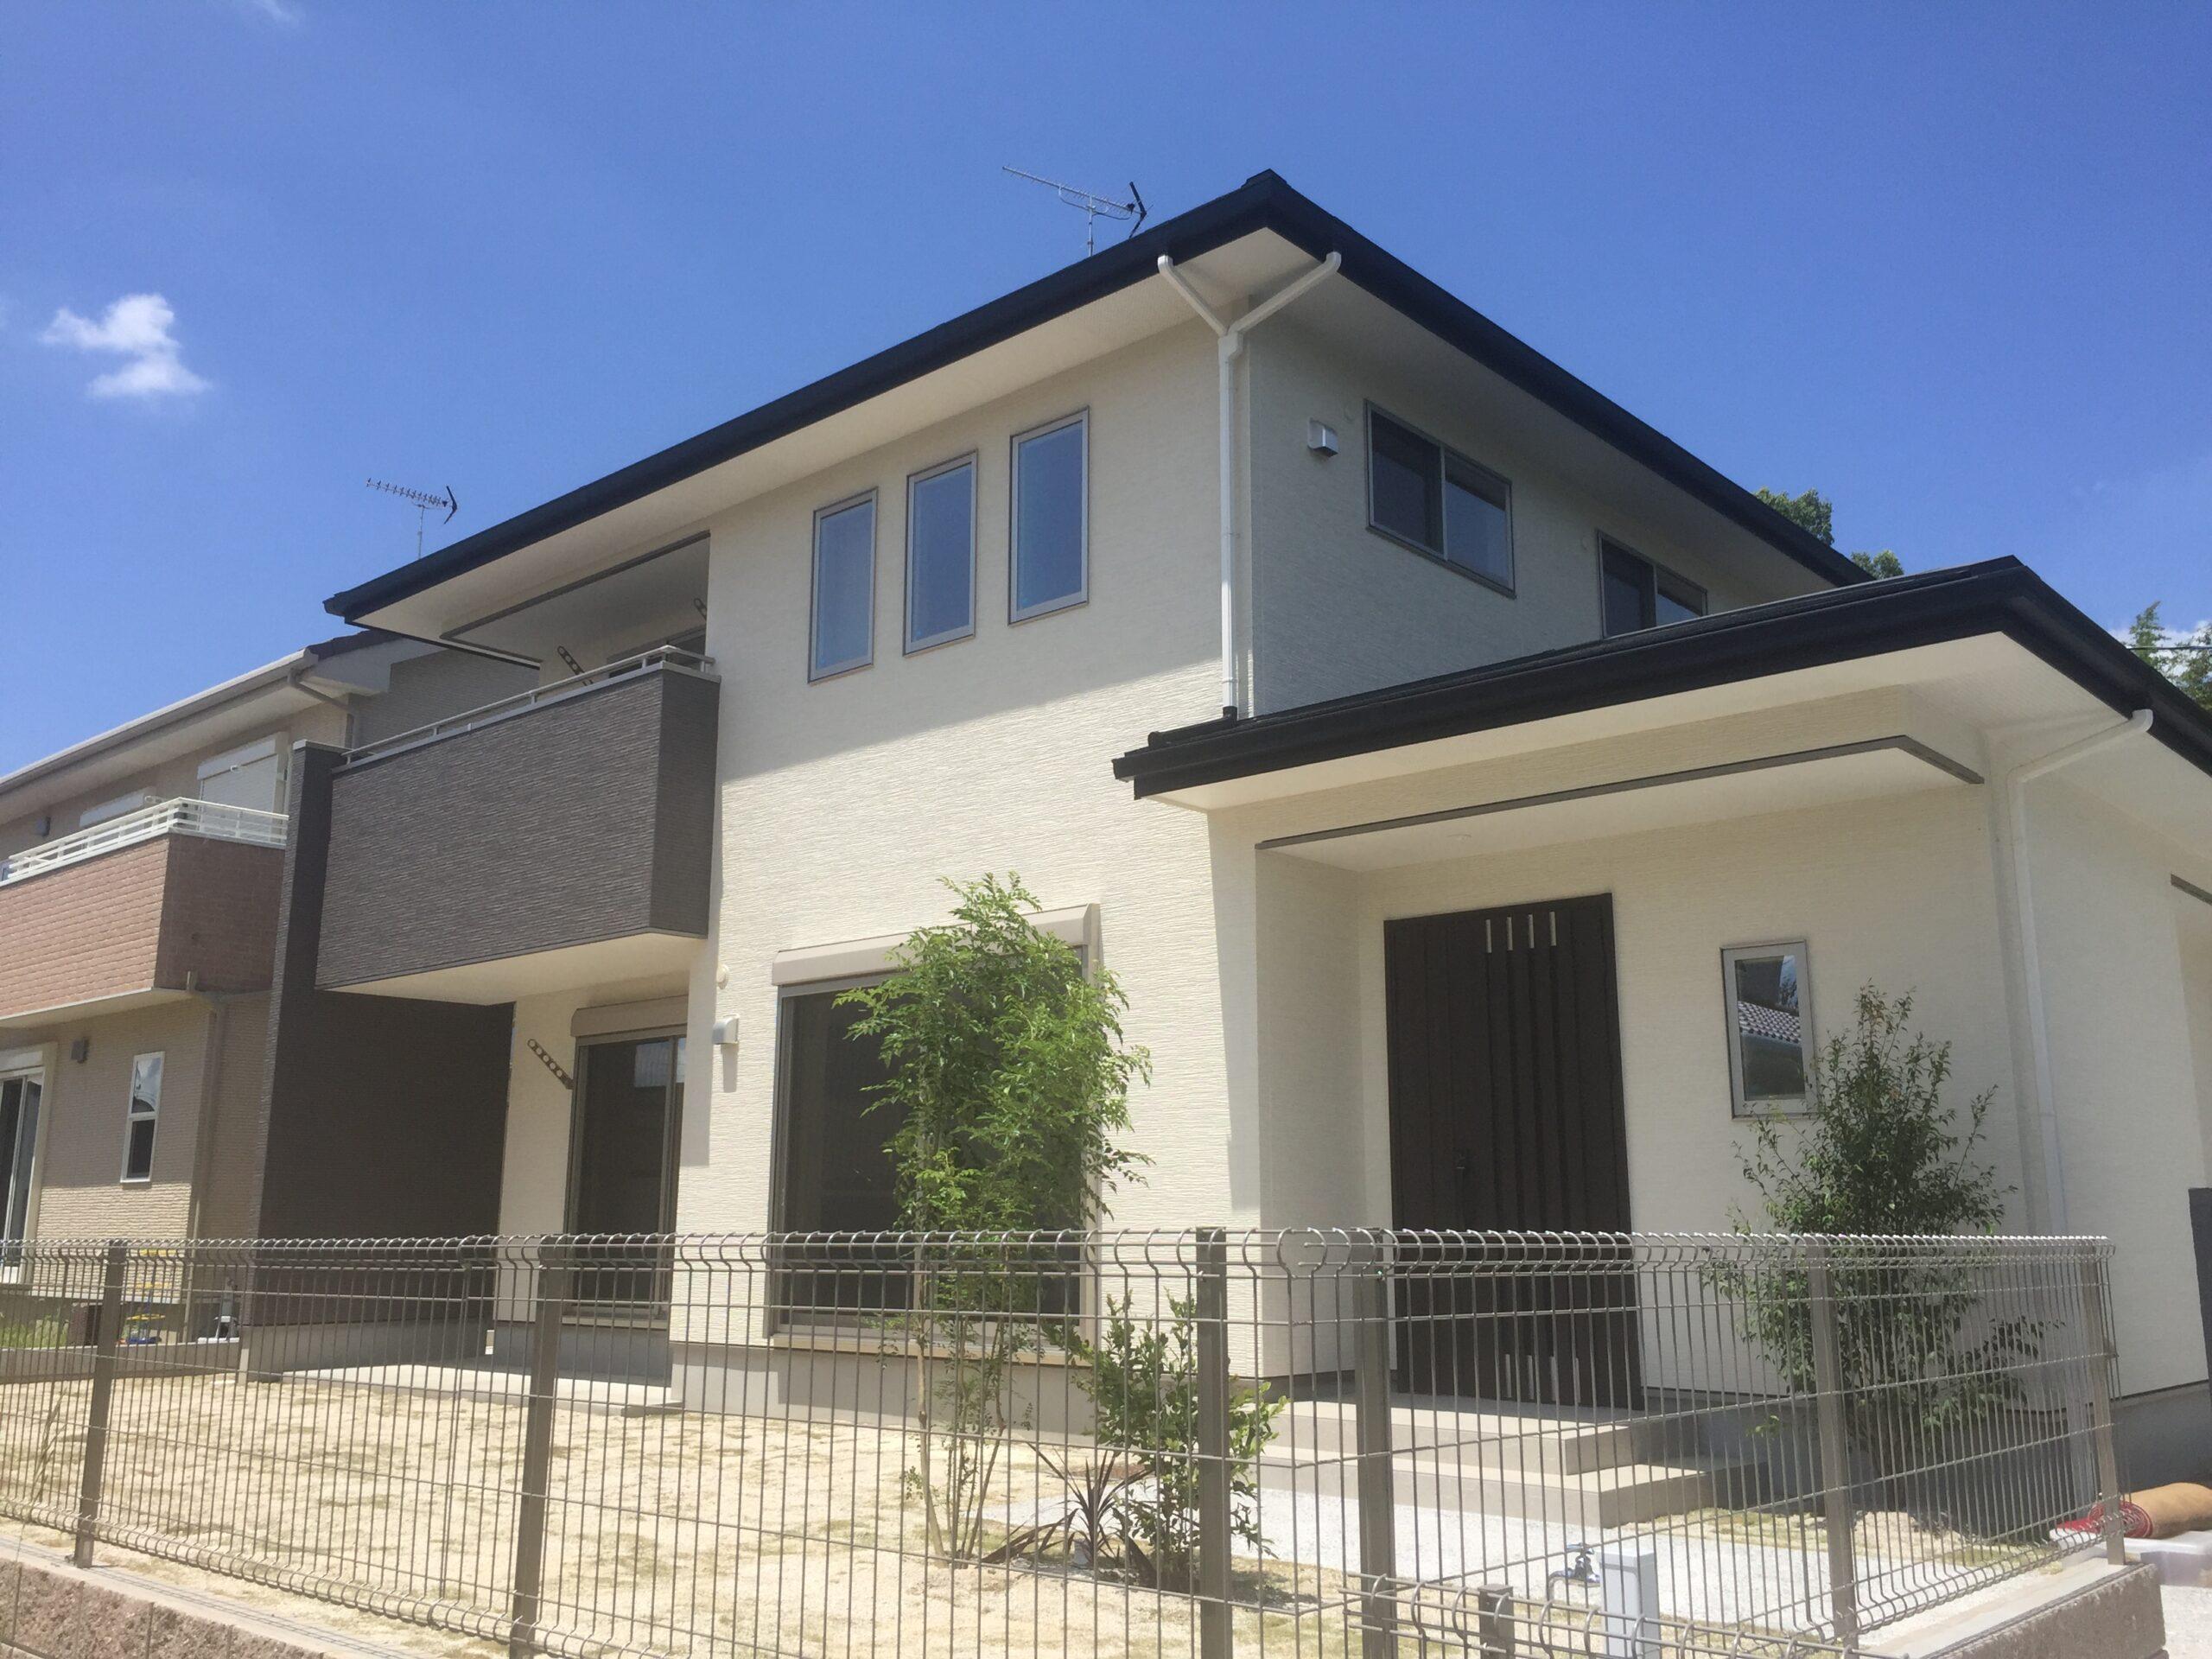 屋根の軒先水平美が映えるシックな家 外観